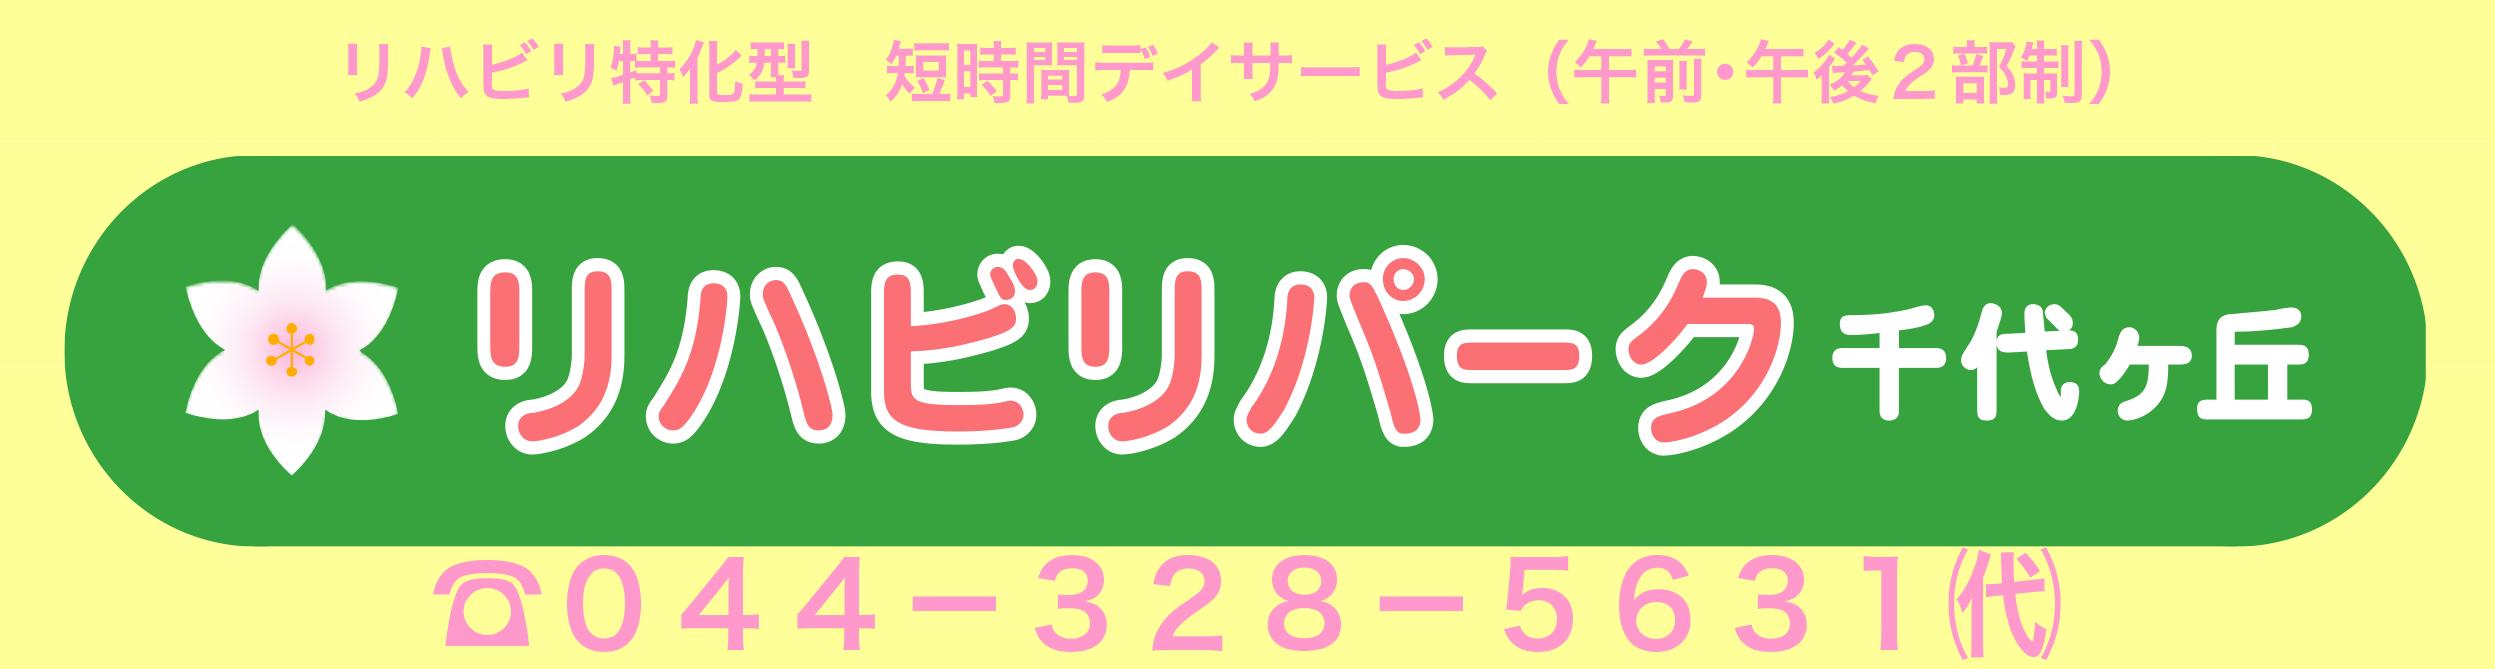 リハビリパーク_ロゴ